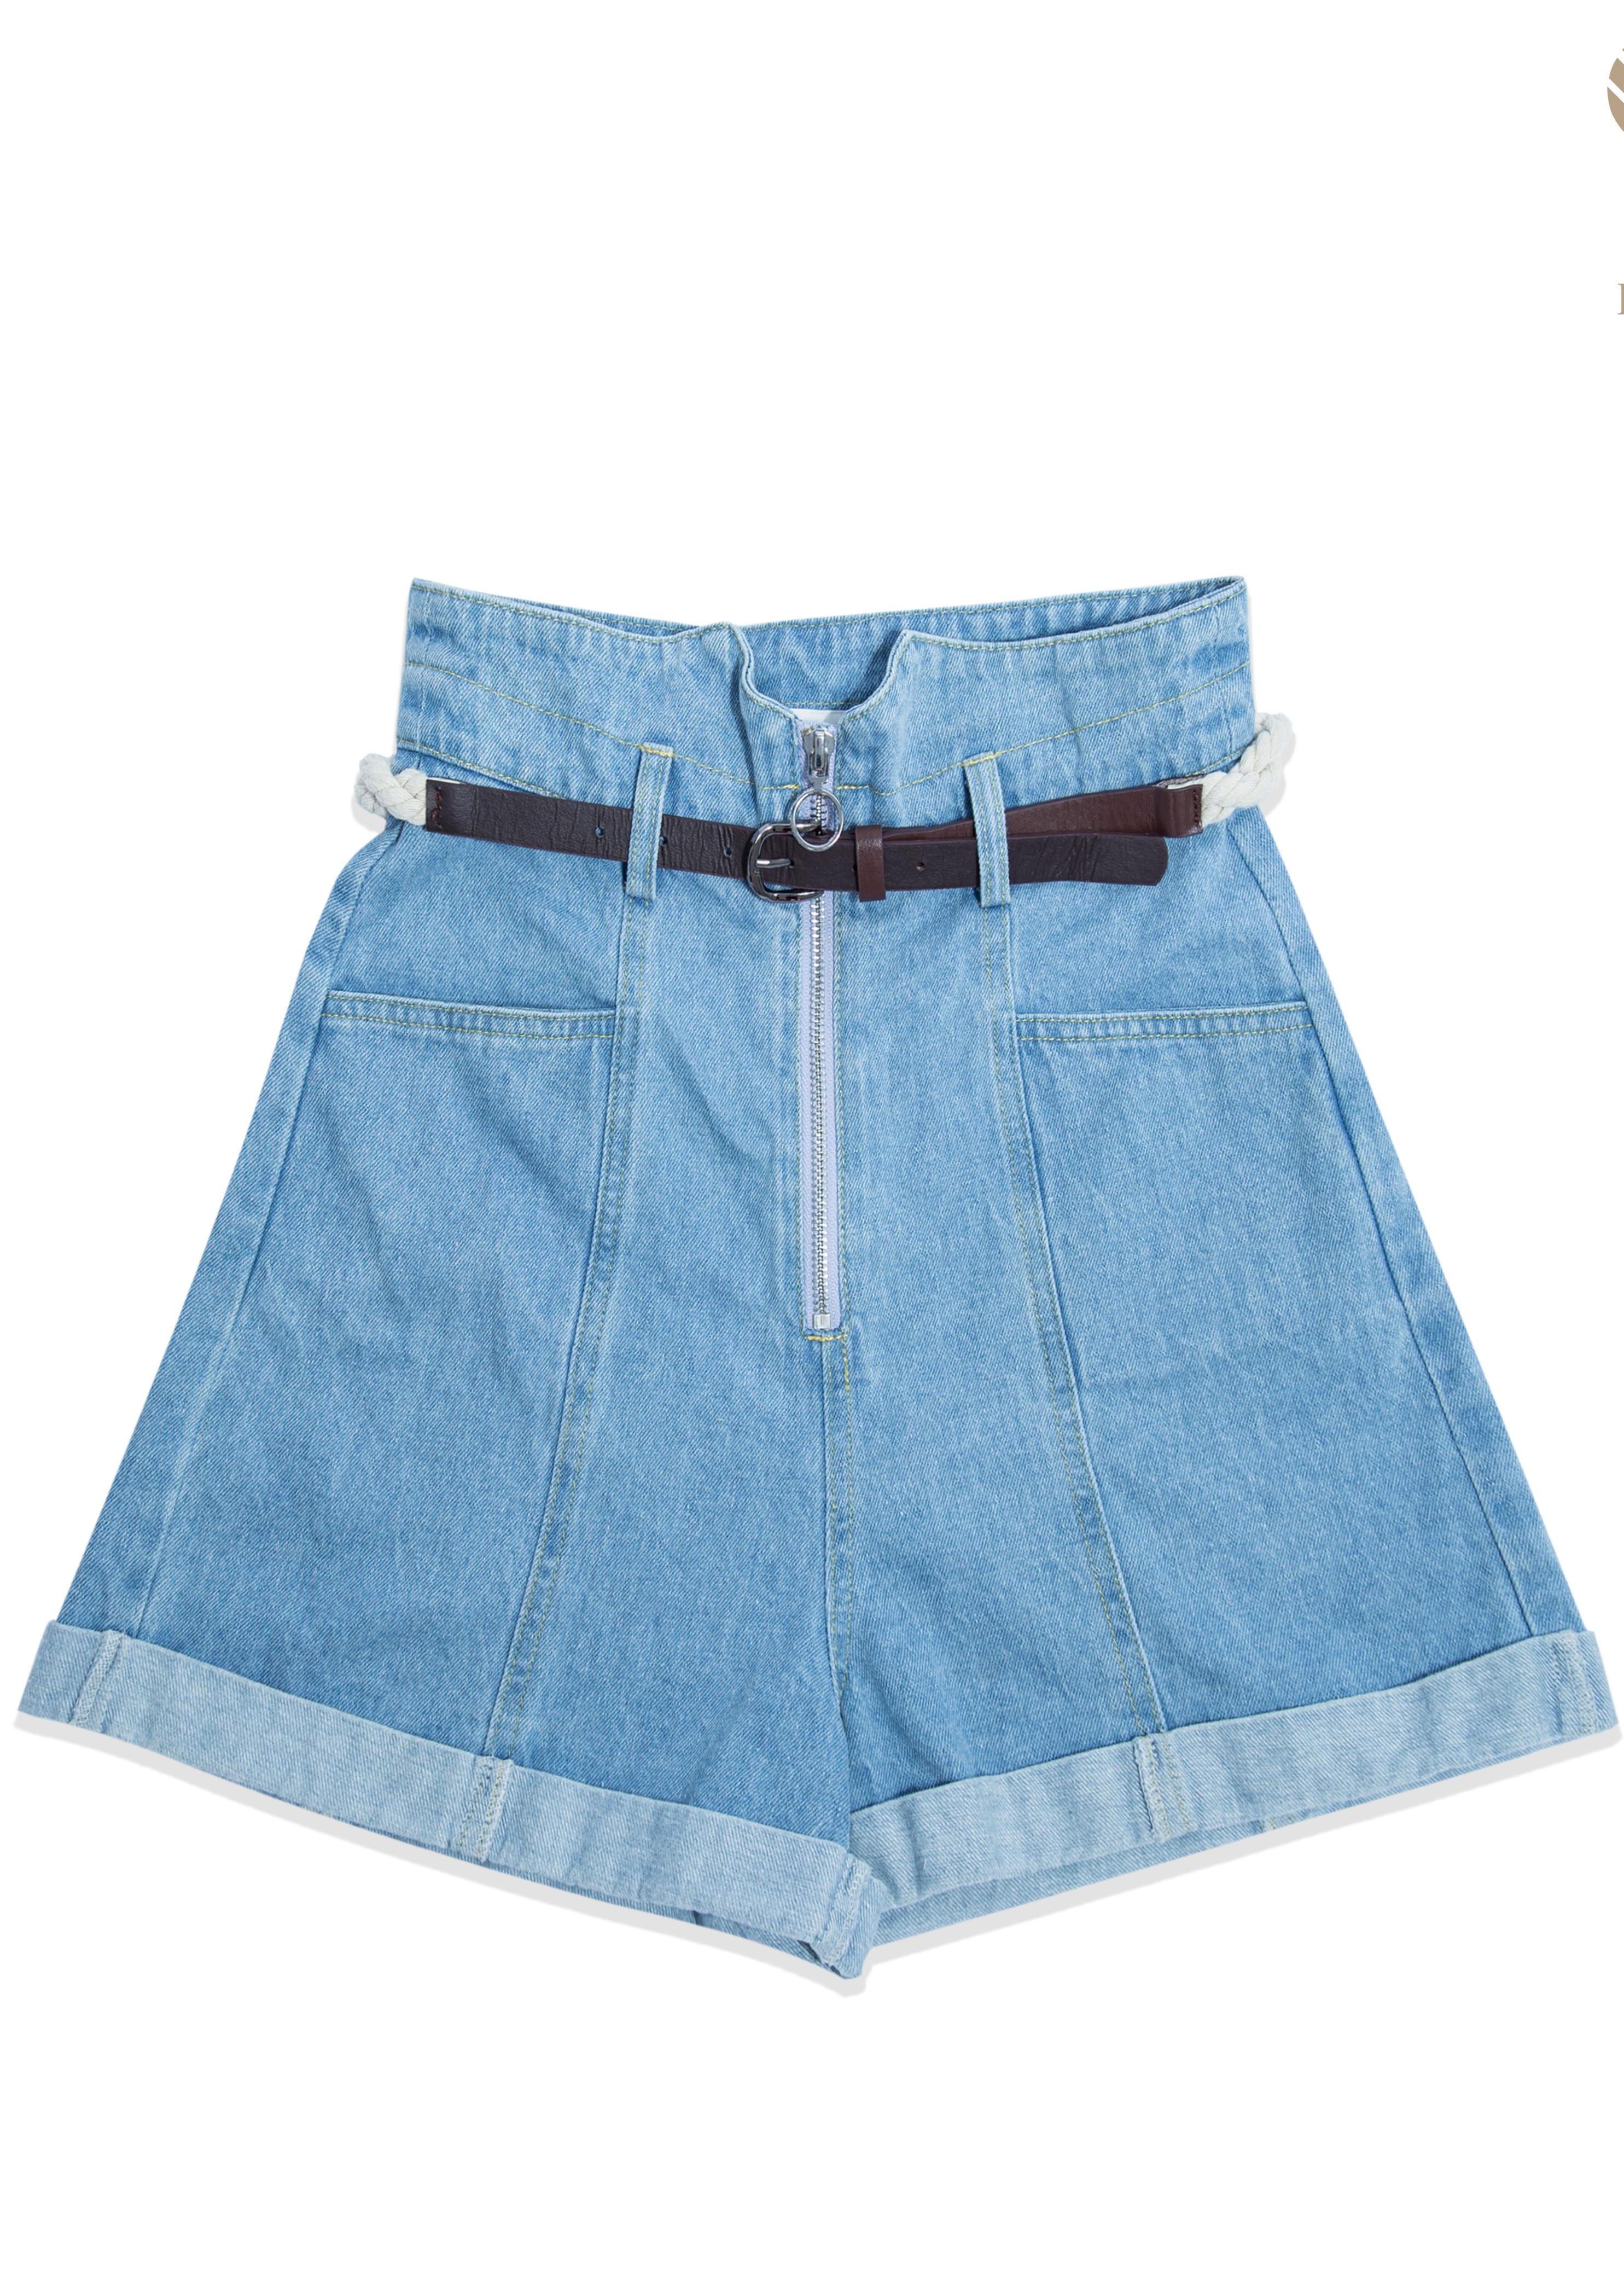 Shorts Dây Kéo